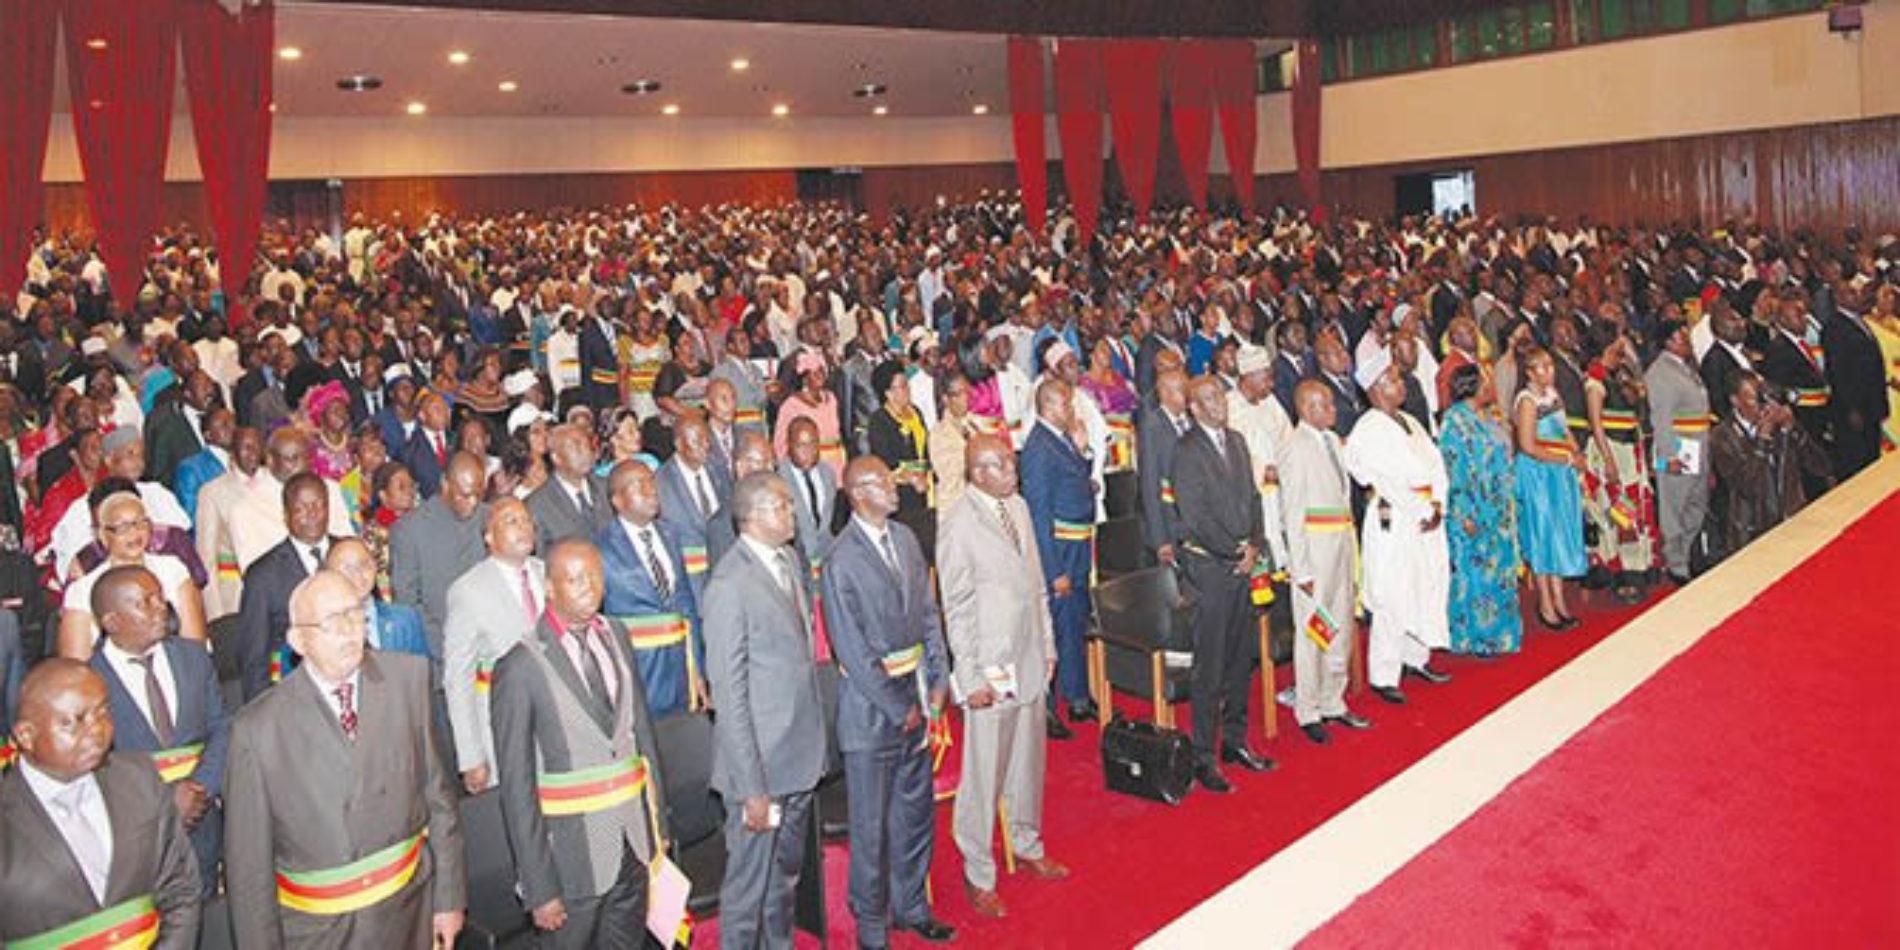 400 milliards pour la décentralisation au Cameroun en 7 ans